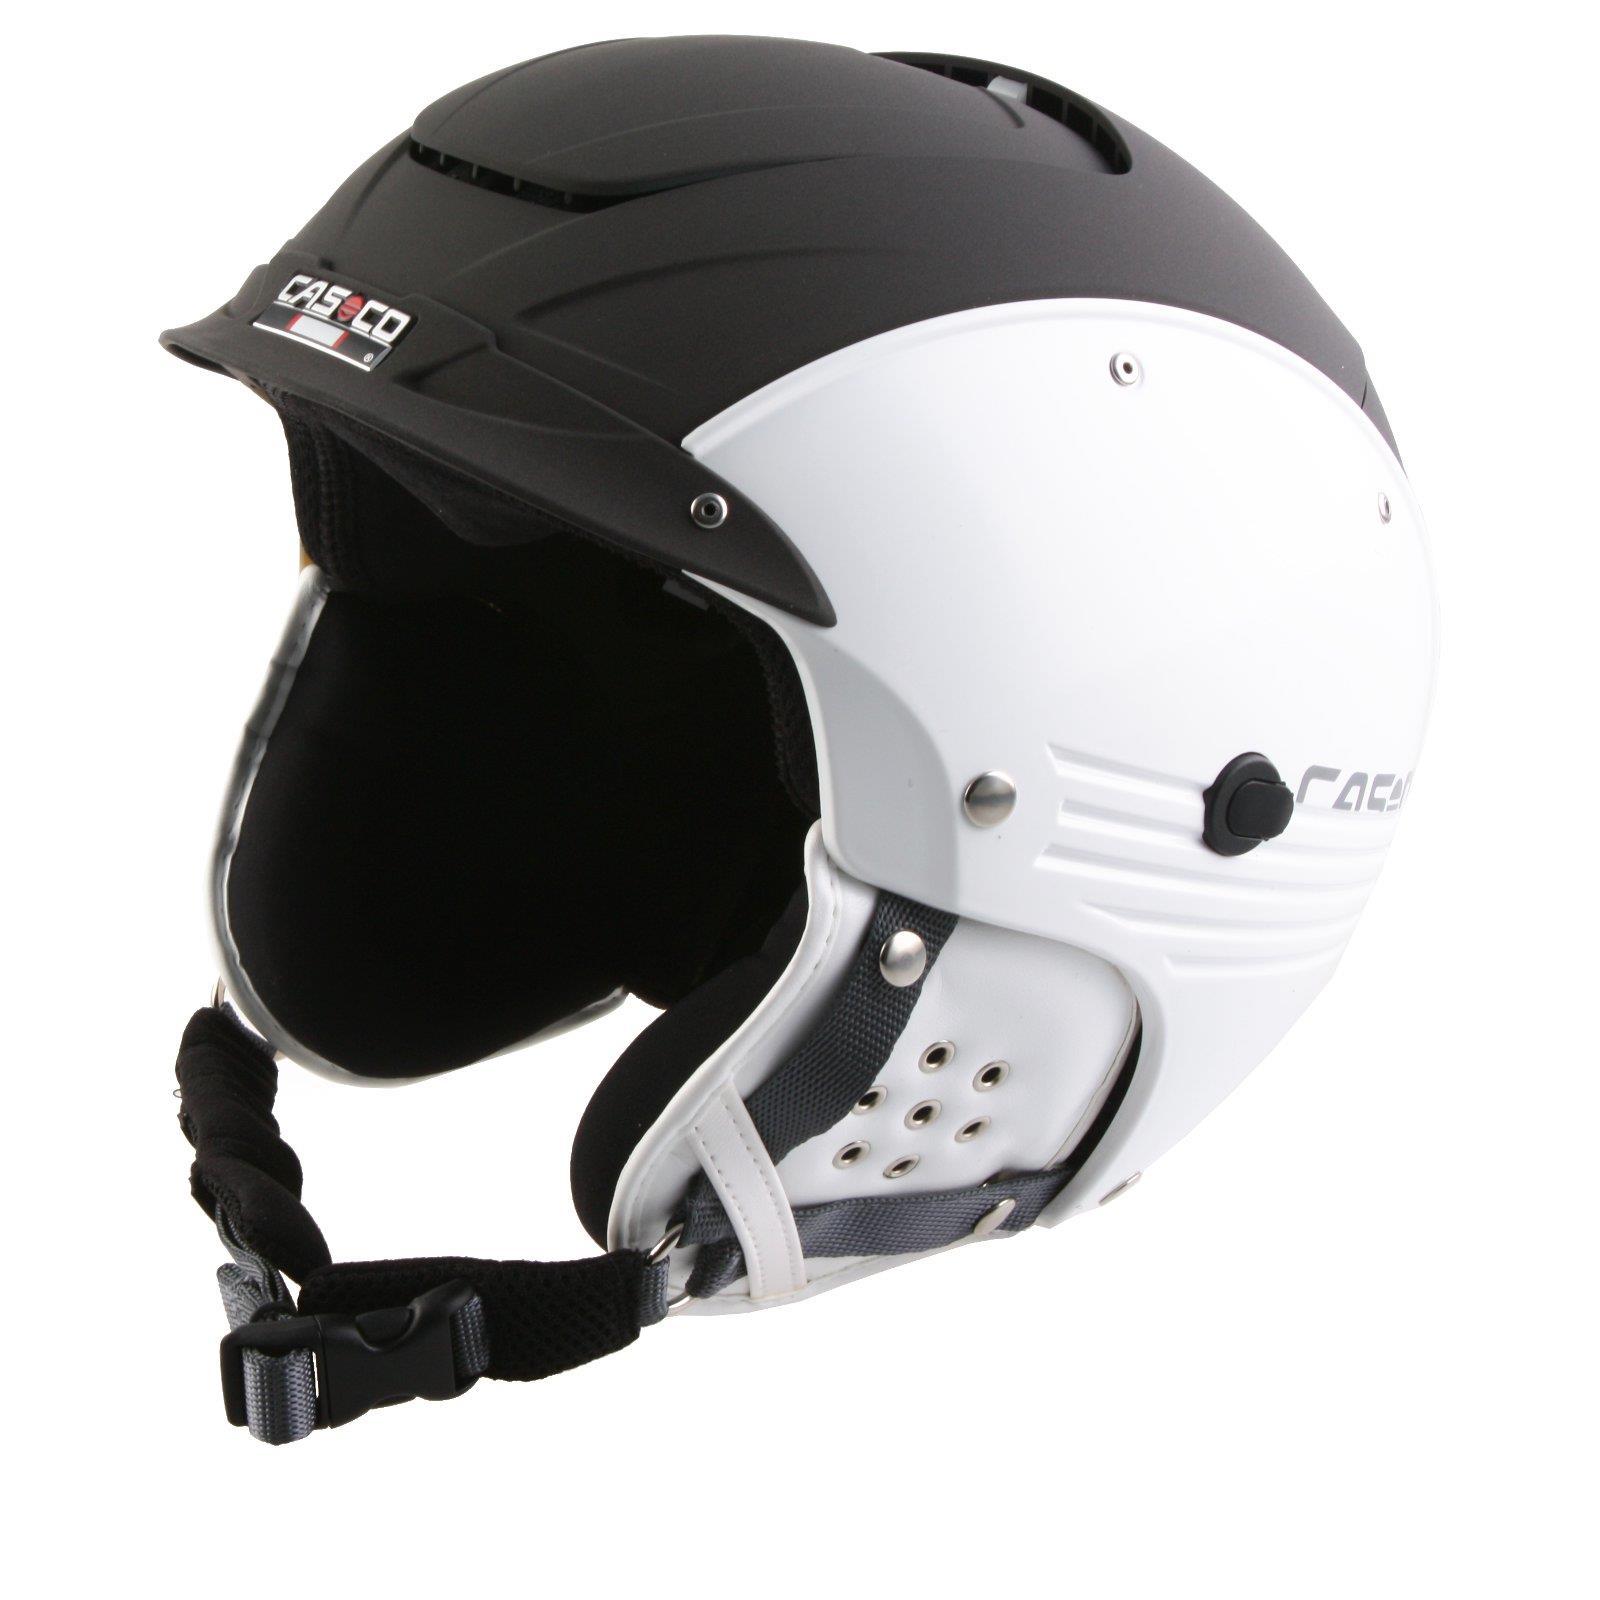 Зимний Шлем Casco 2017-18 Sp-5 Competition White-Black